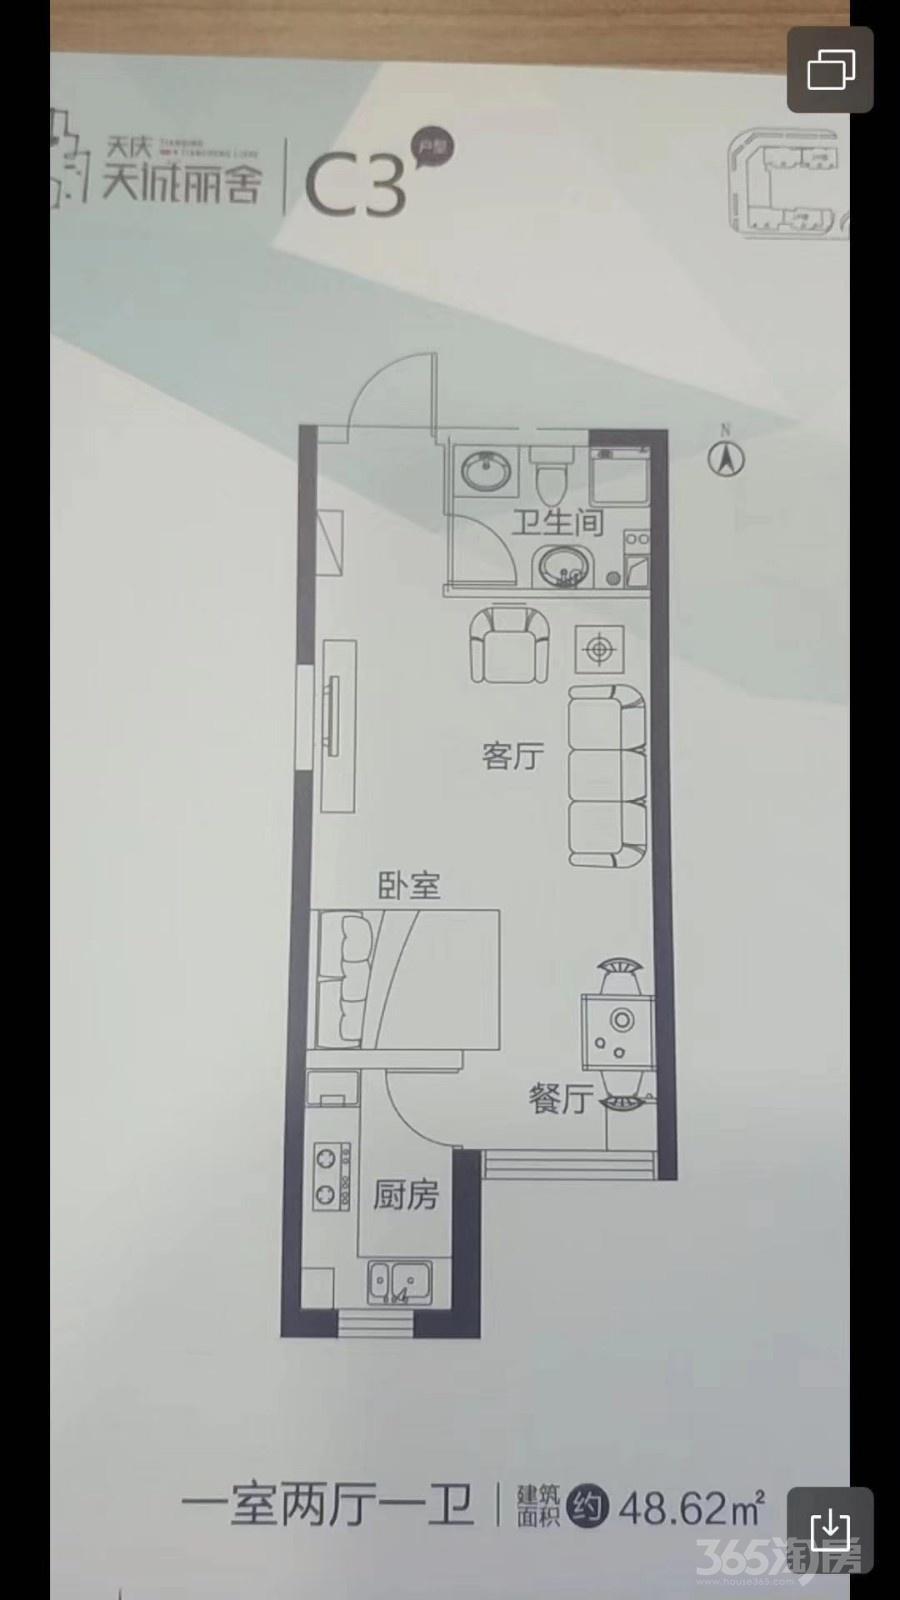 天庆天诚丽舍1室1厅1卫58万元48.62平方